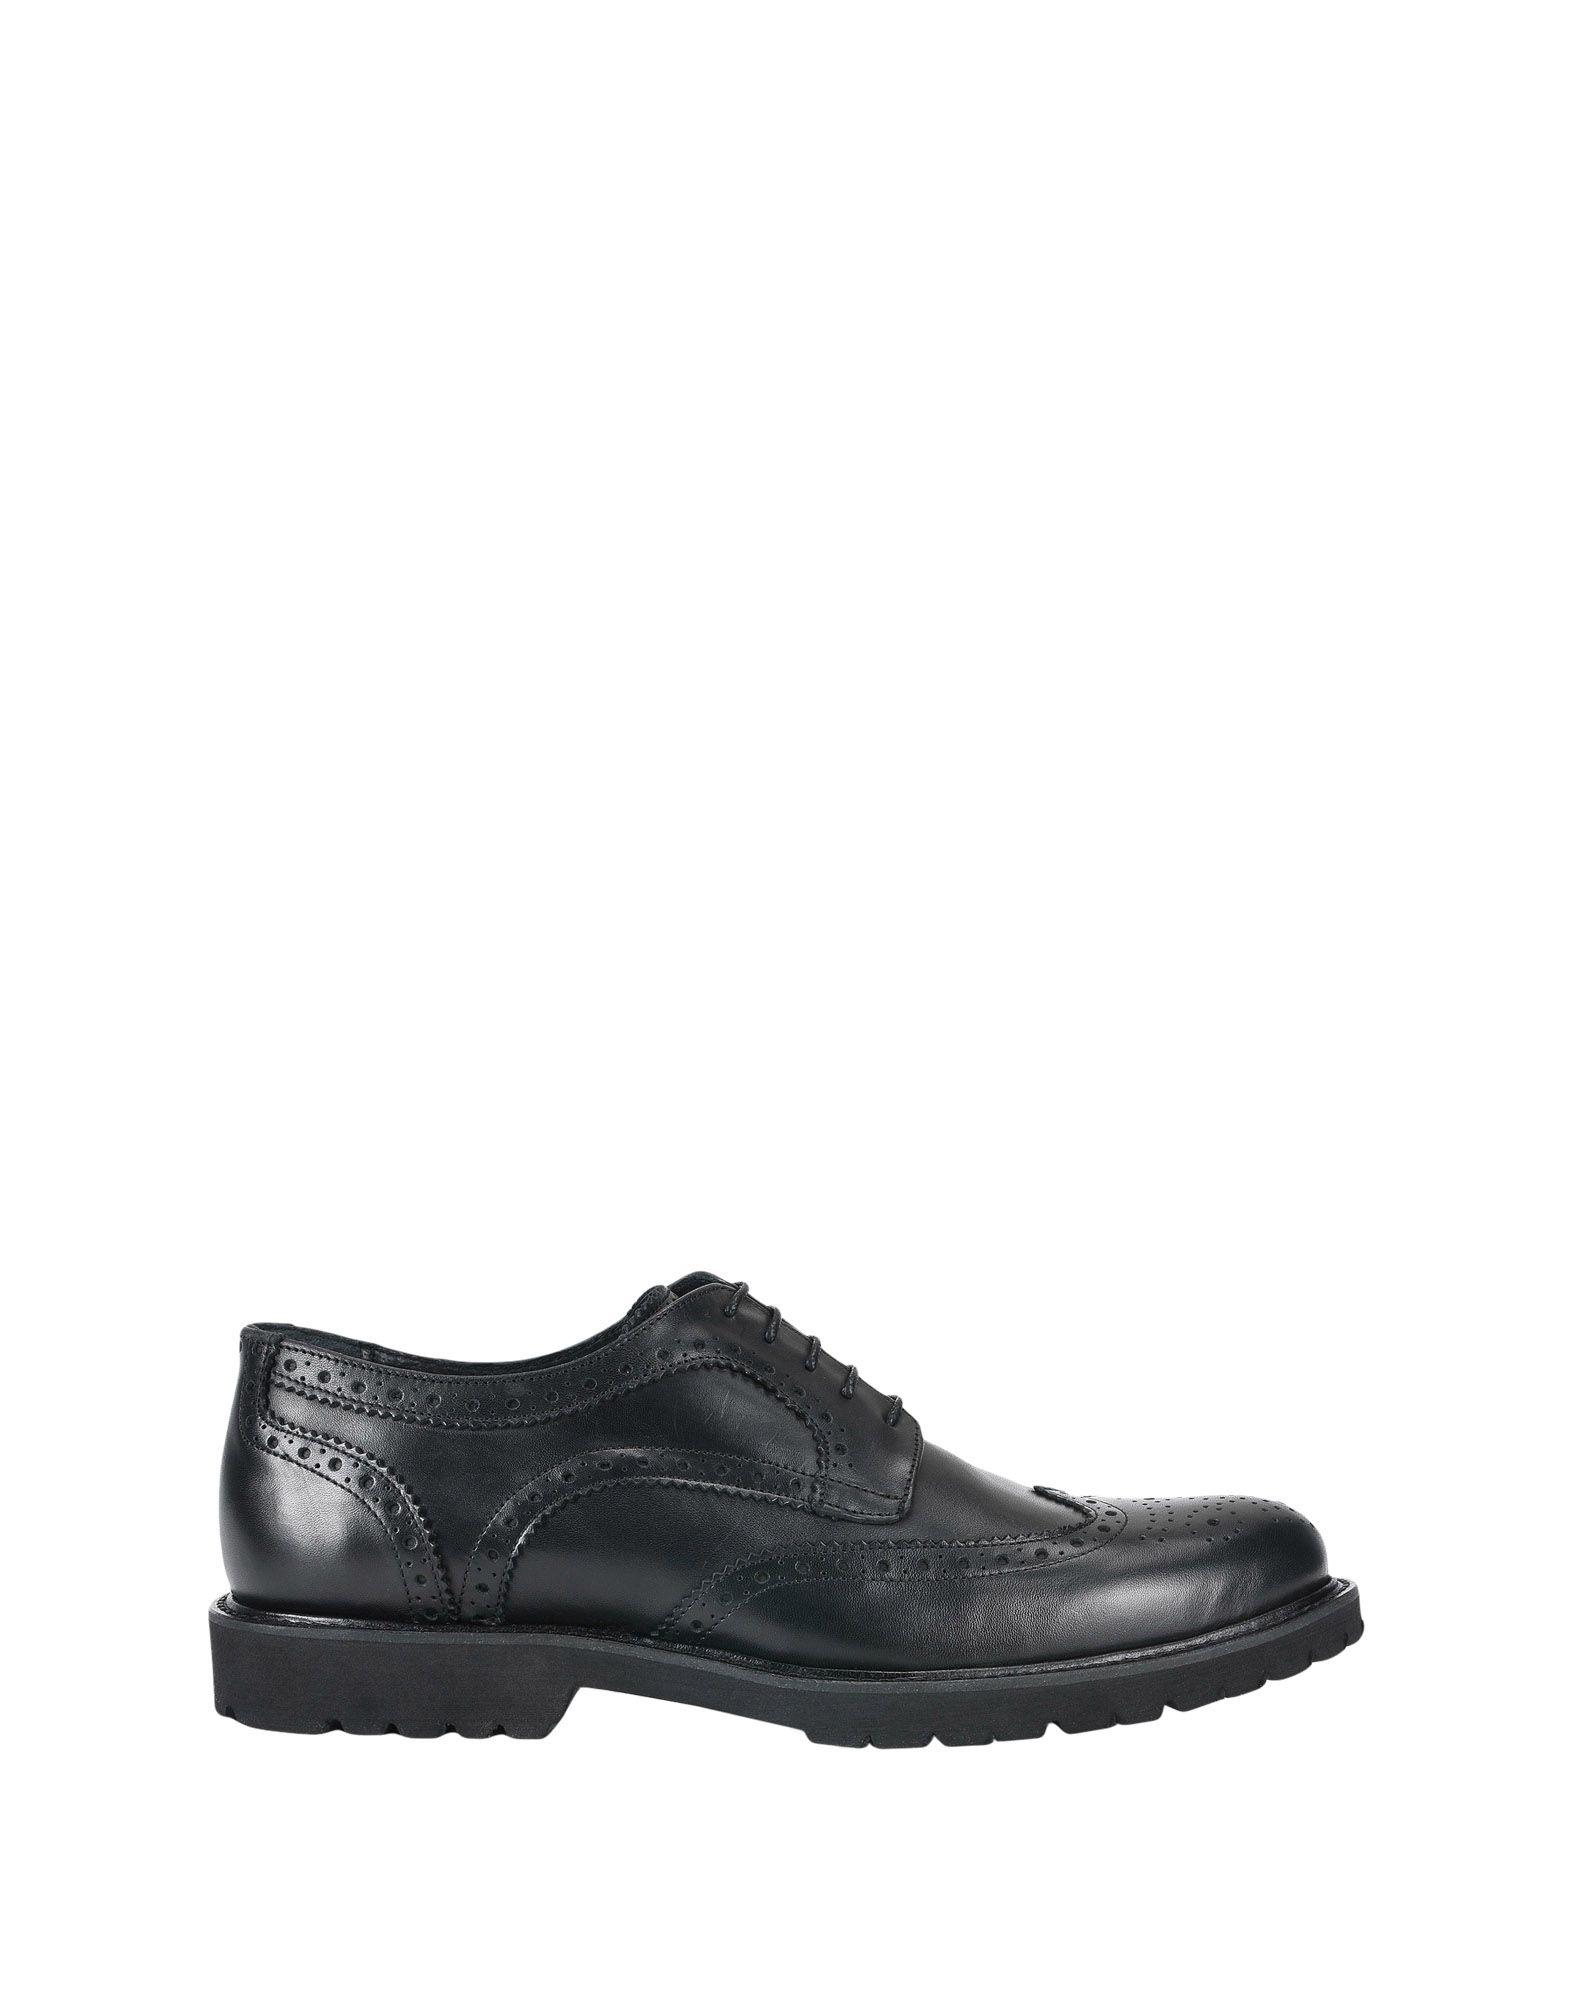 YLATI HERITAGE Обувь на шнурках первый внутри обувь обувь обувь обувь обувь обувь обувь обувь обувь 8a2549